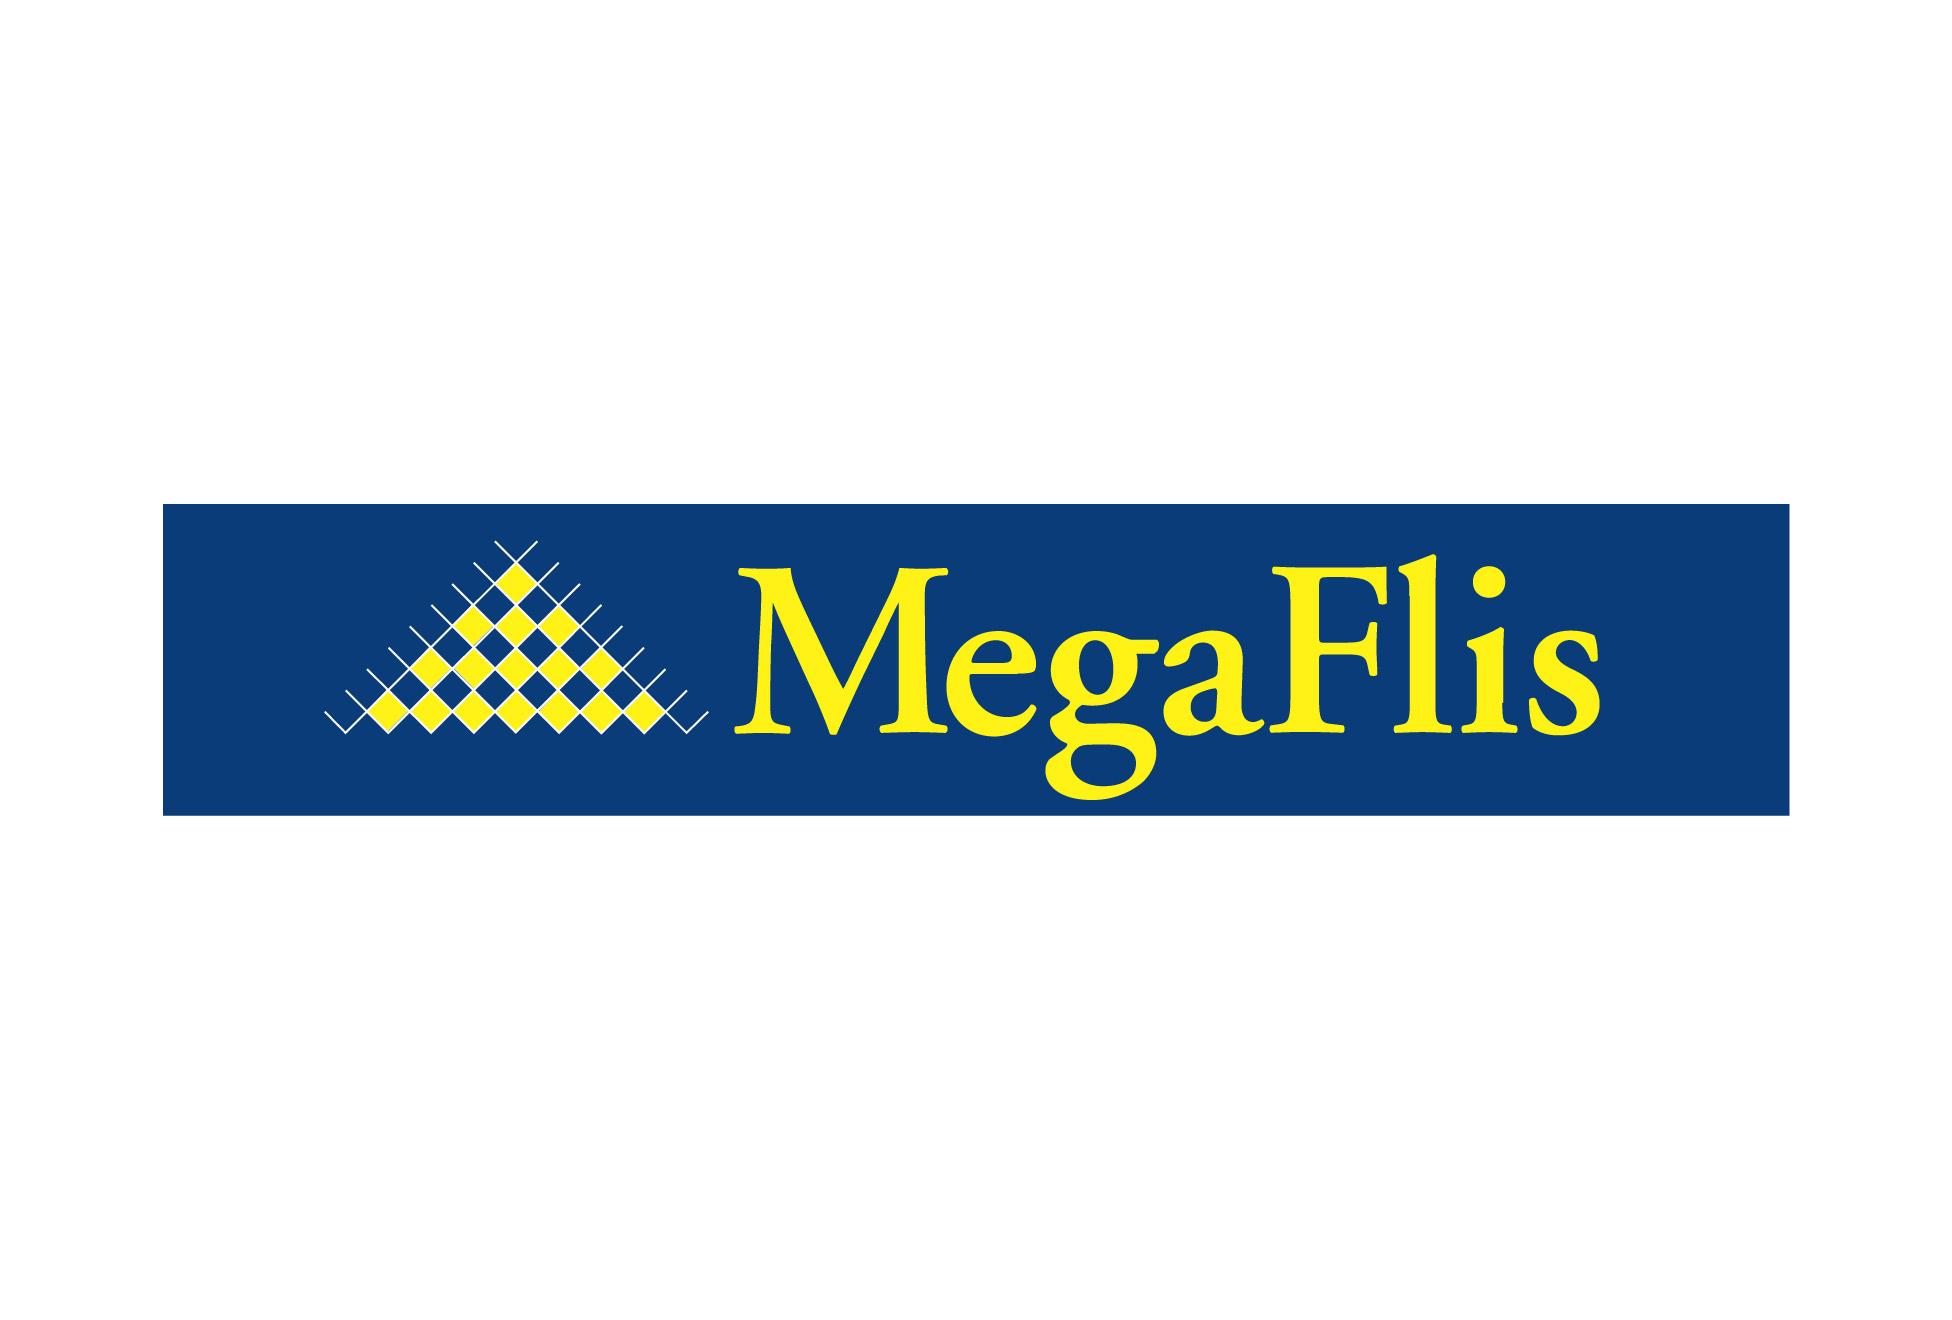 MegaFlis_rgb-01